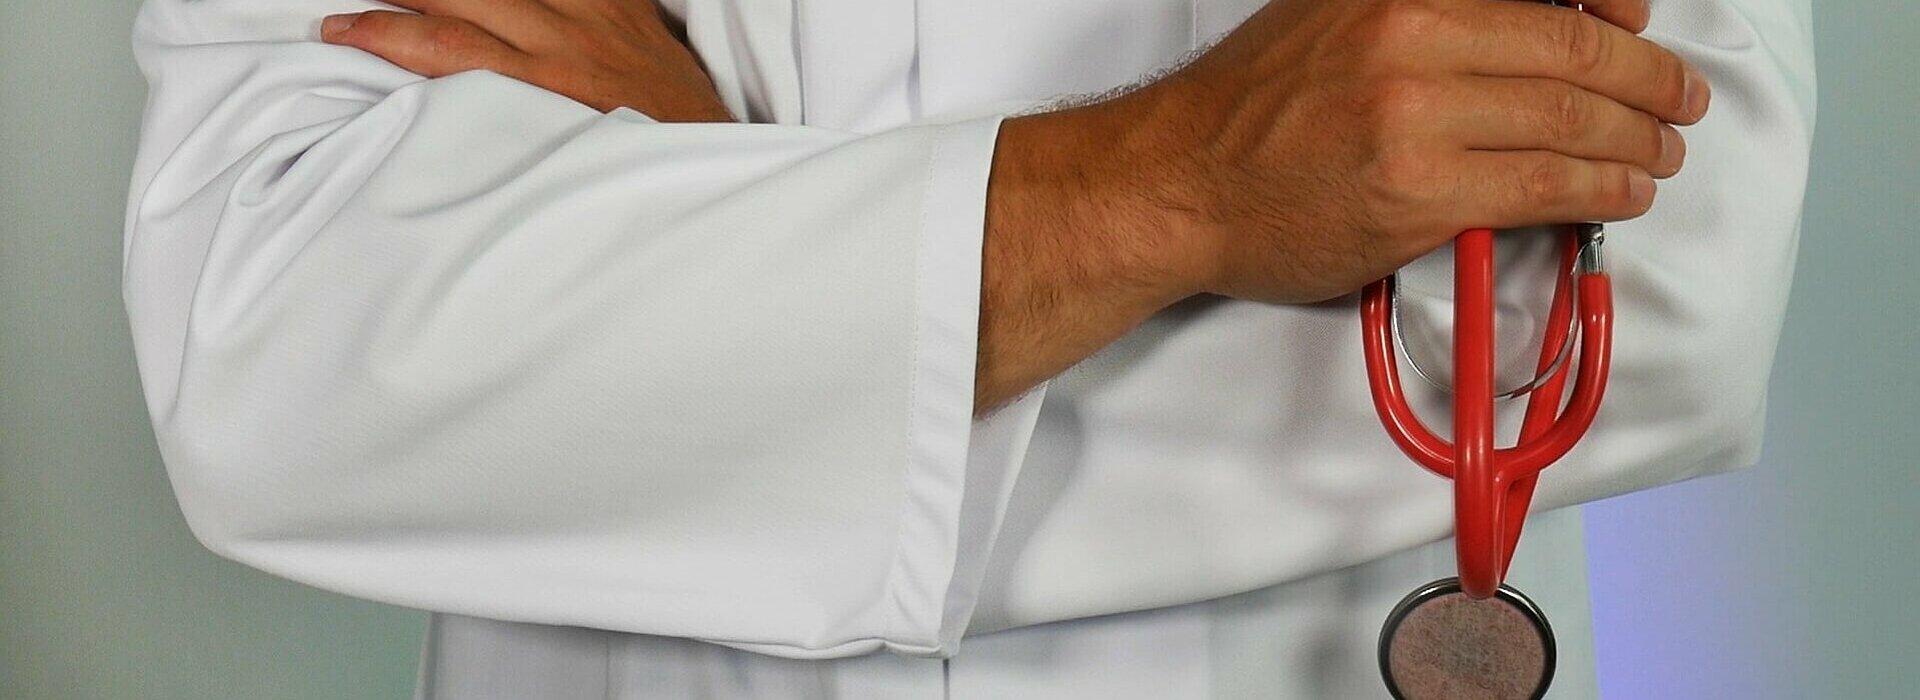 médico de braços cruzados